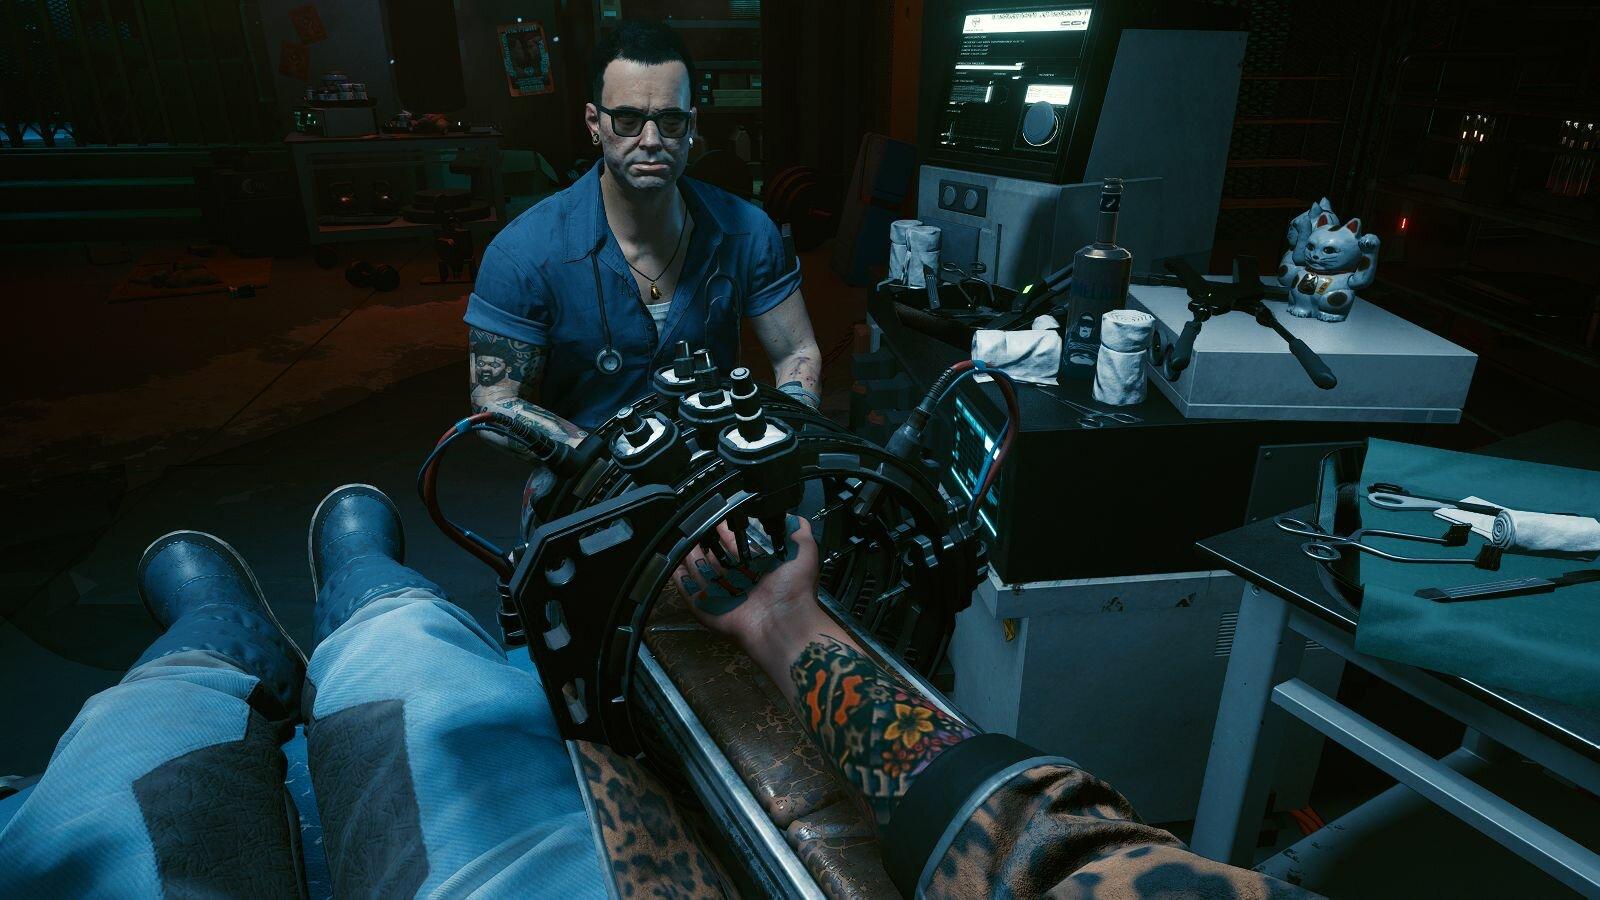 Виктор вставляет в кисть имплант Киберлинк.